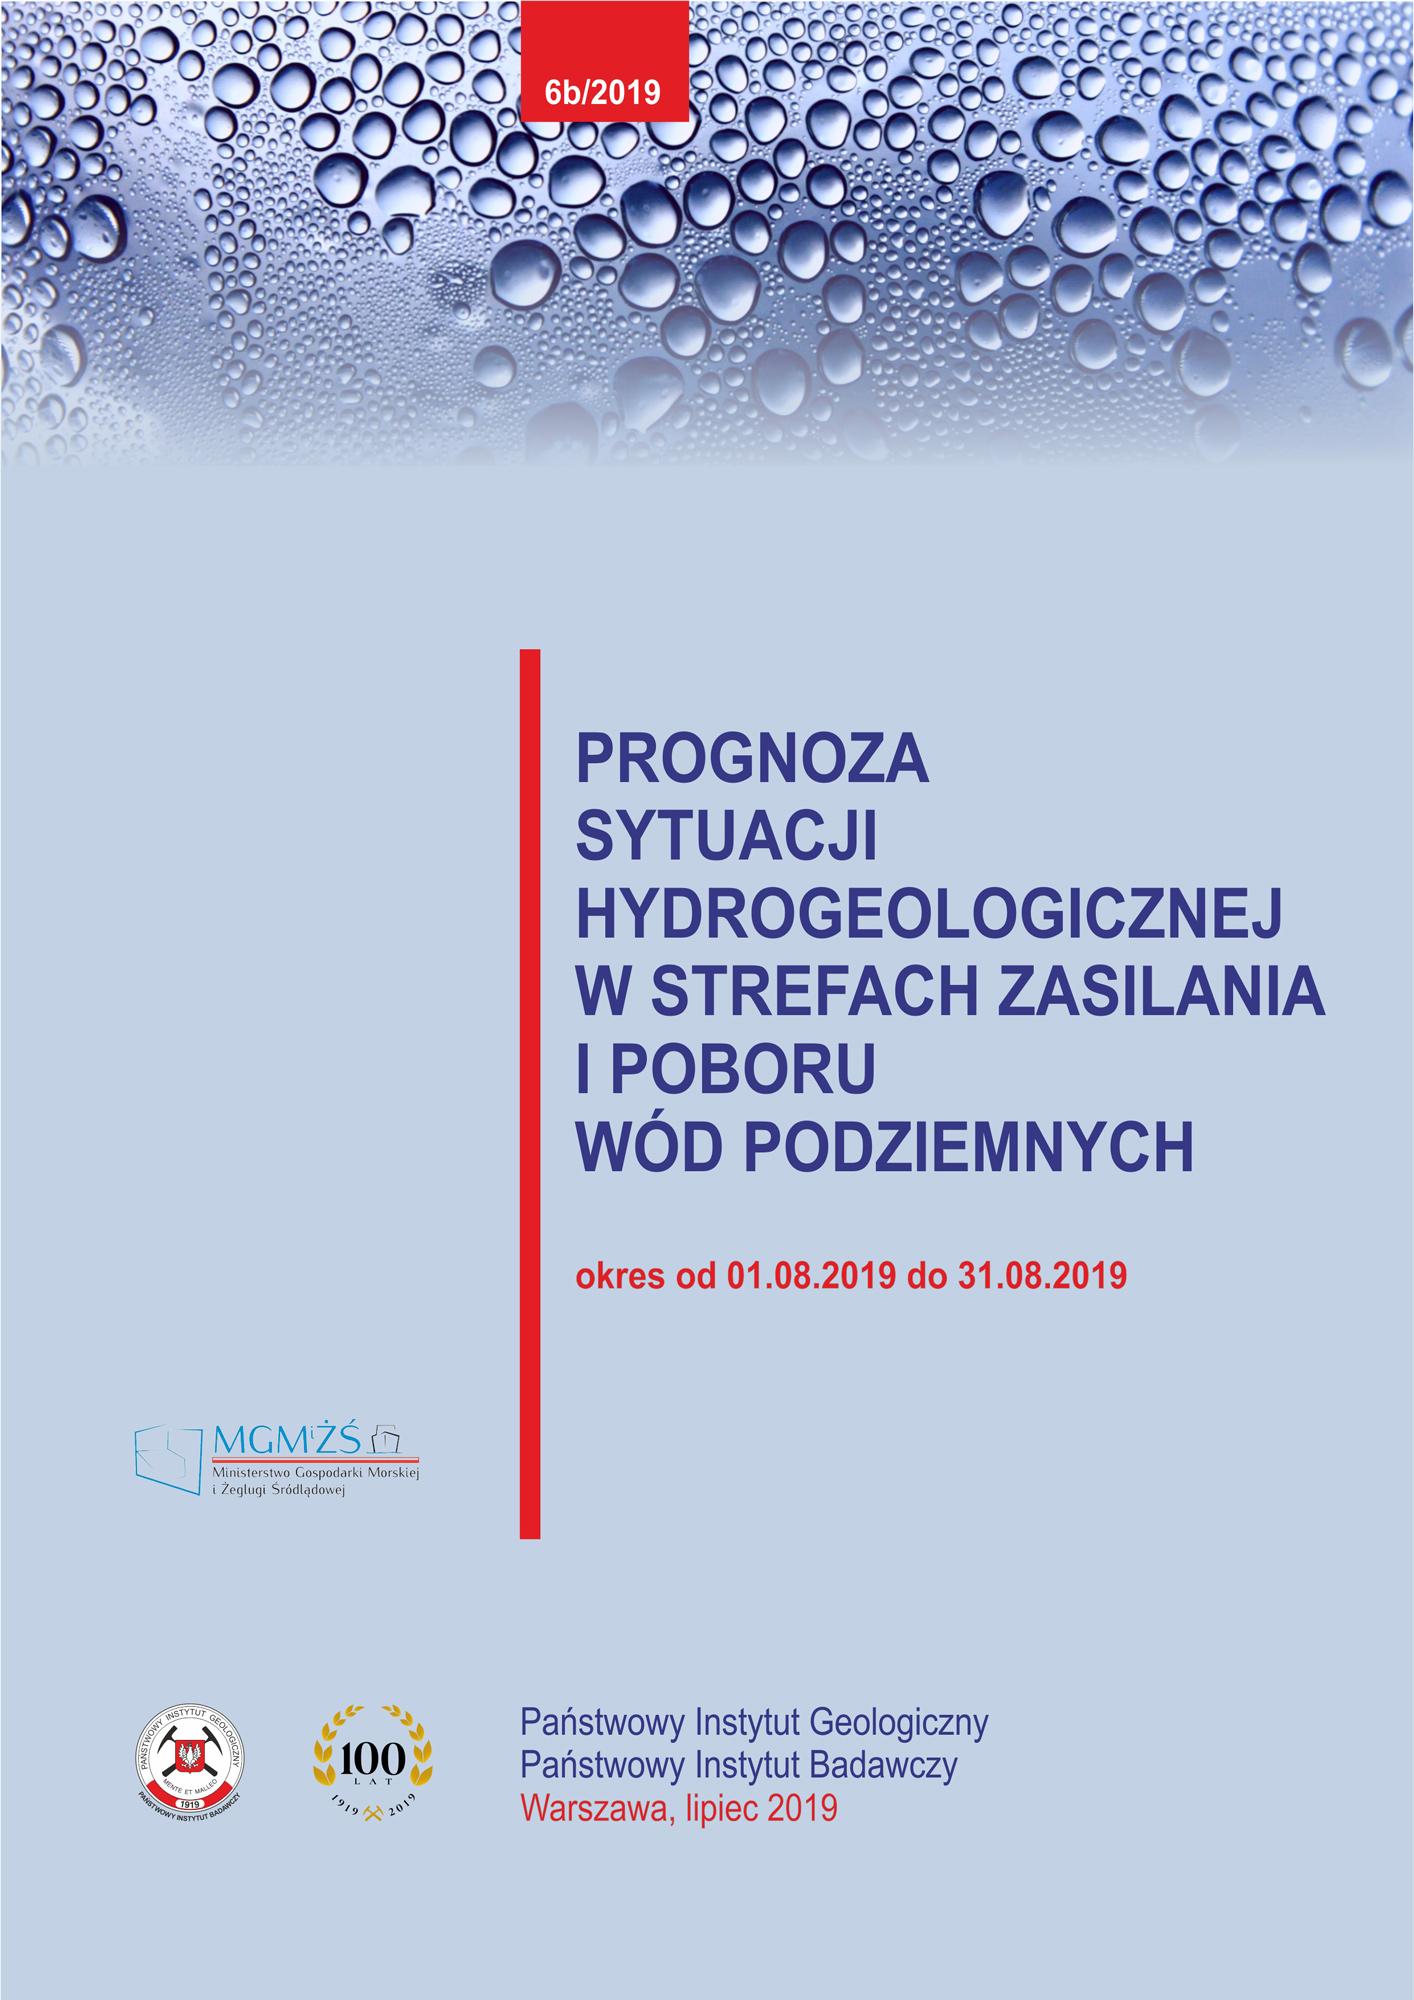 Prognoza sytuacji hydrogeologicznej w strefach zasilania i poboru wód podziemnych 01.08.2019 - 31.08.2019